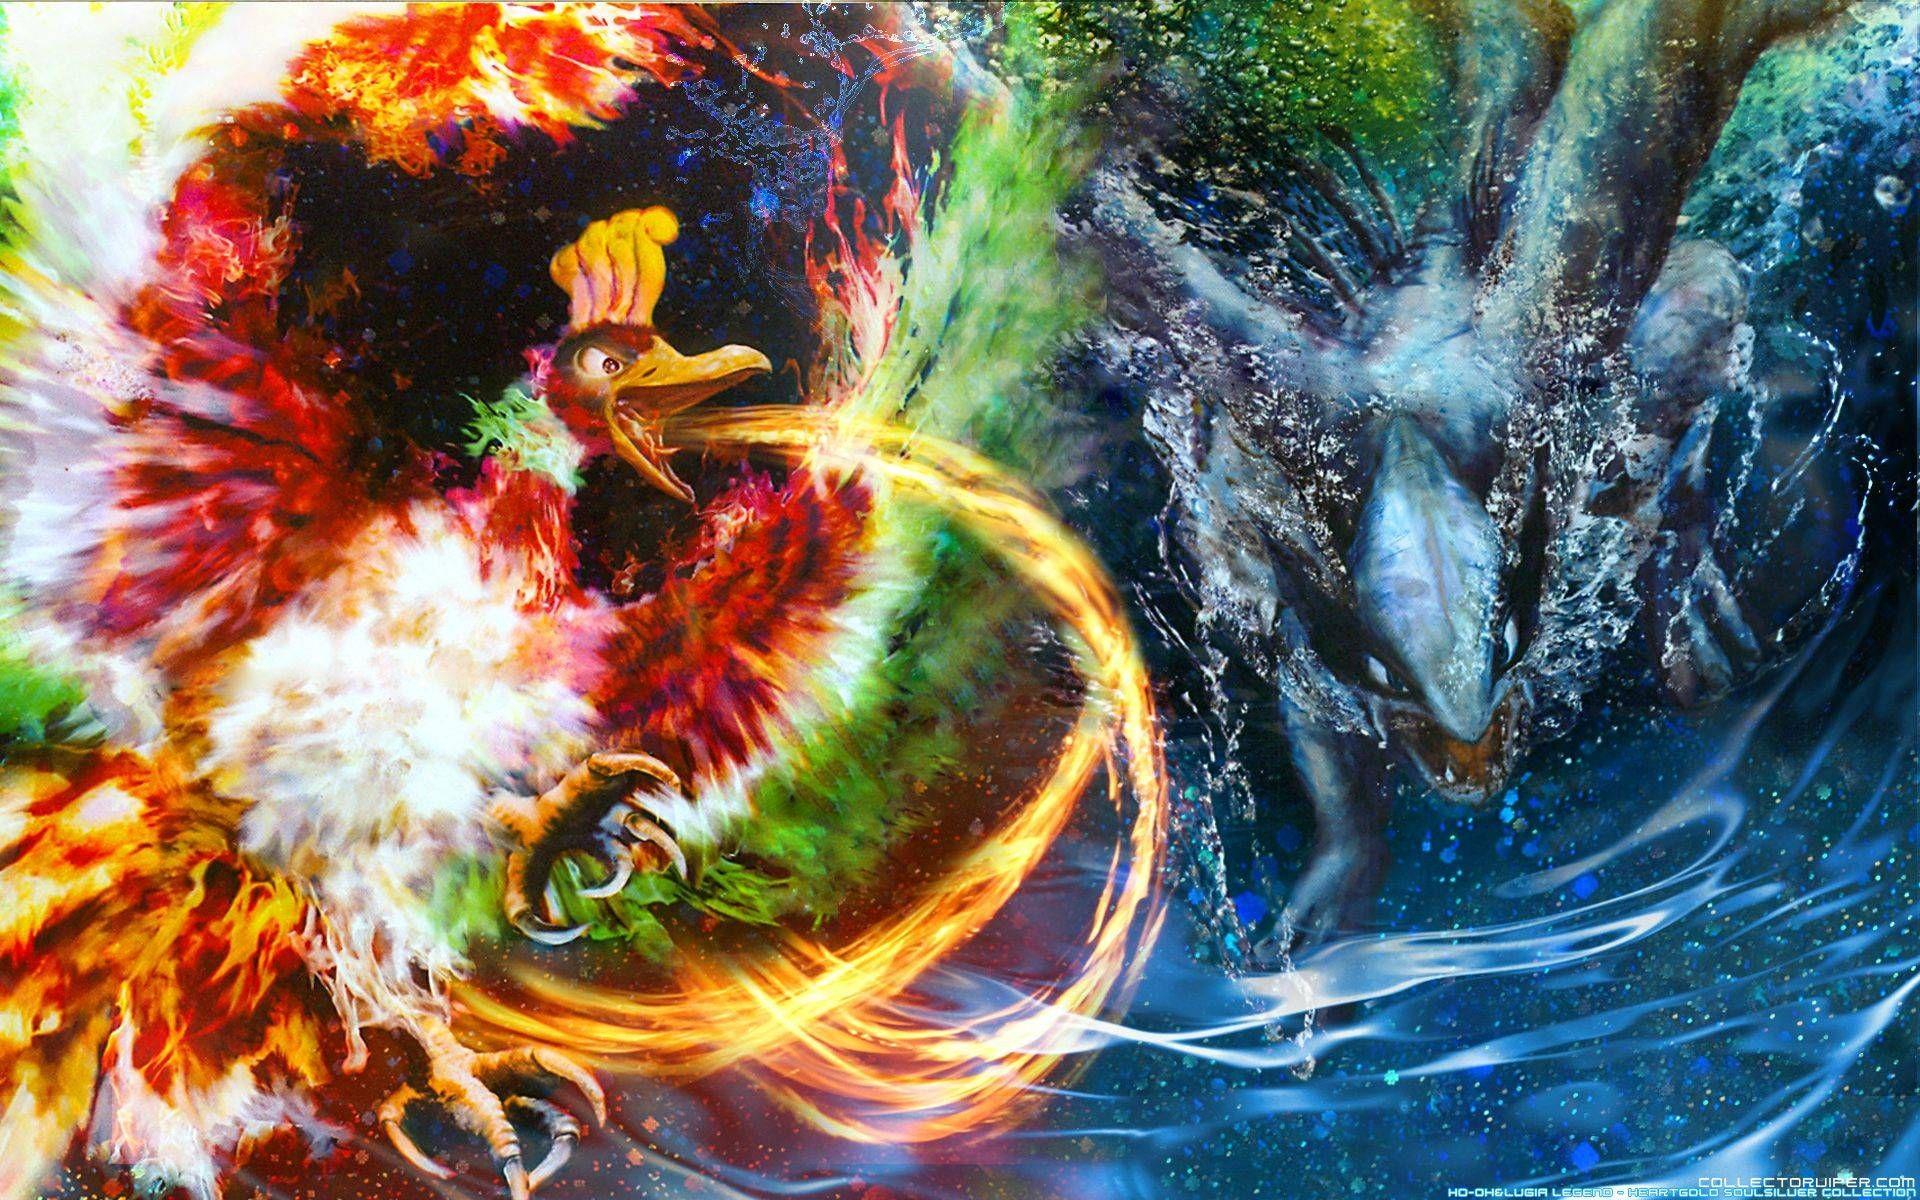 Elemental Fight Cartoon Wallpaper Hd Hd Pokemon Wallpapers